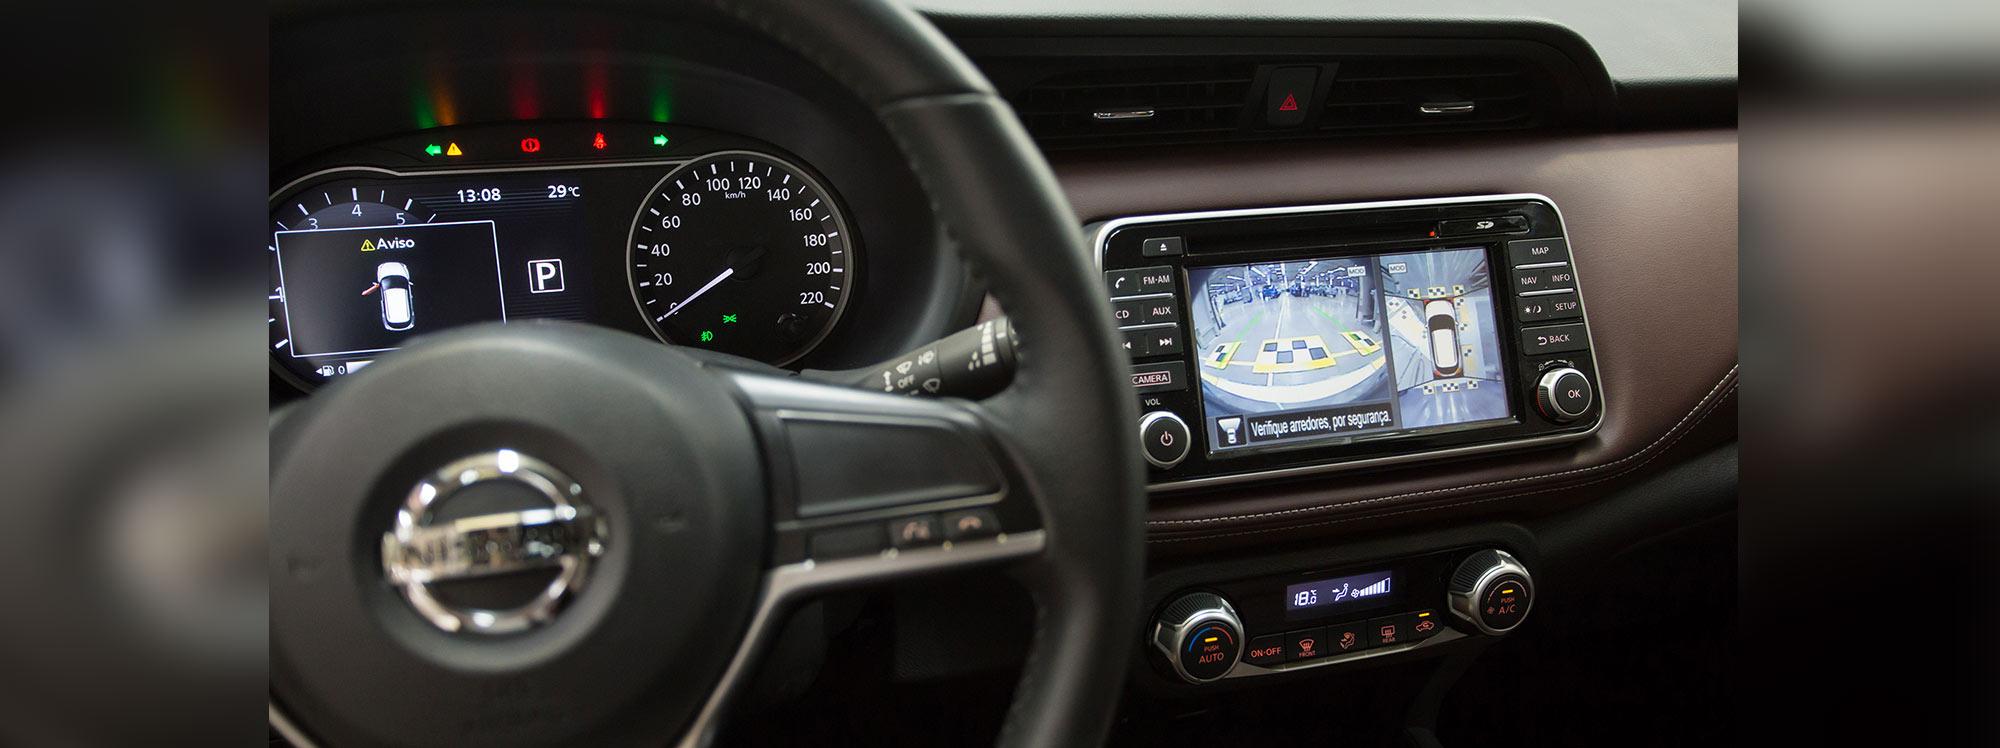 Nissan desarrolla tecnologías para reducir el estrés de los conductores